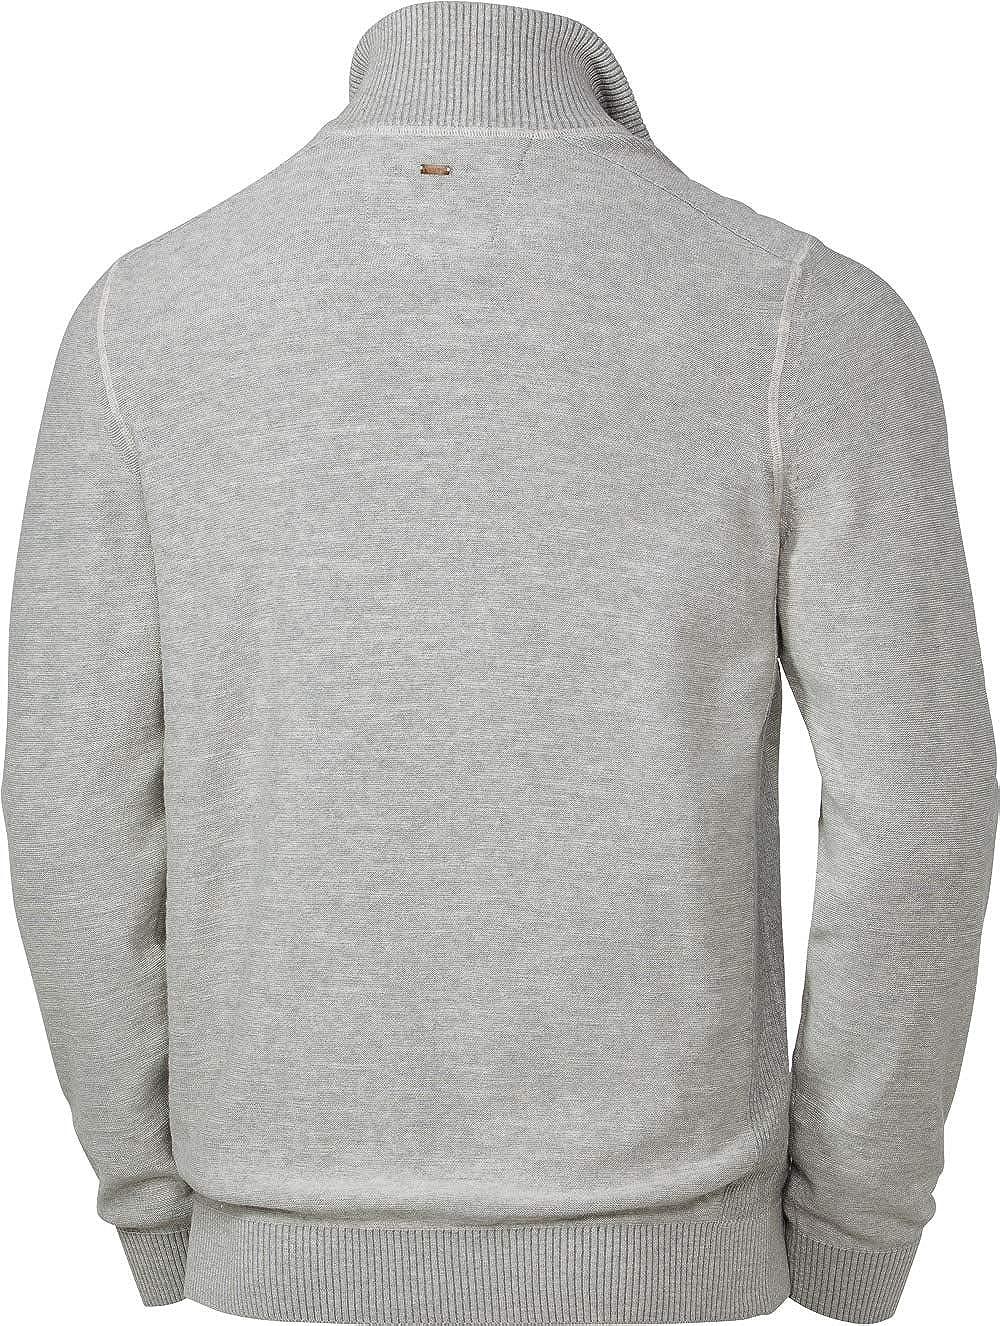 Stehkragen Rei/ßverschluss M Strickjacke f/ür M/änner Gr aus 100/% Baumwolle LERROS Herren Zip-Jacke in Gr/ün XXXL Melange-Garn Dunkelblau oder Hellgrau